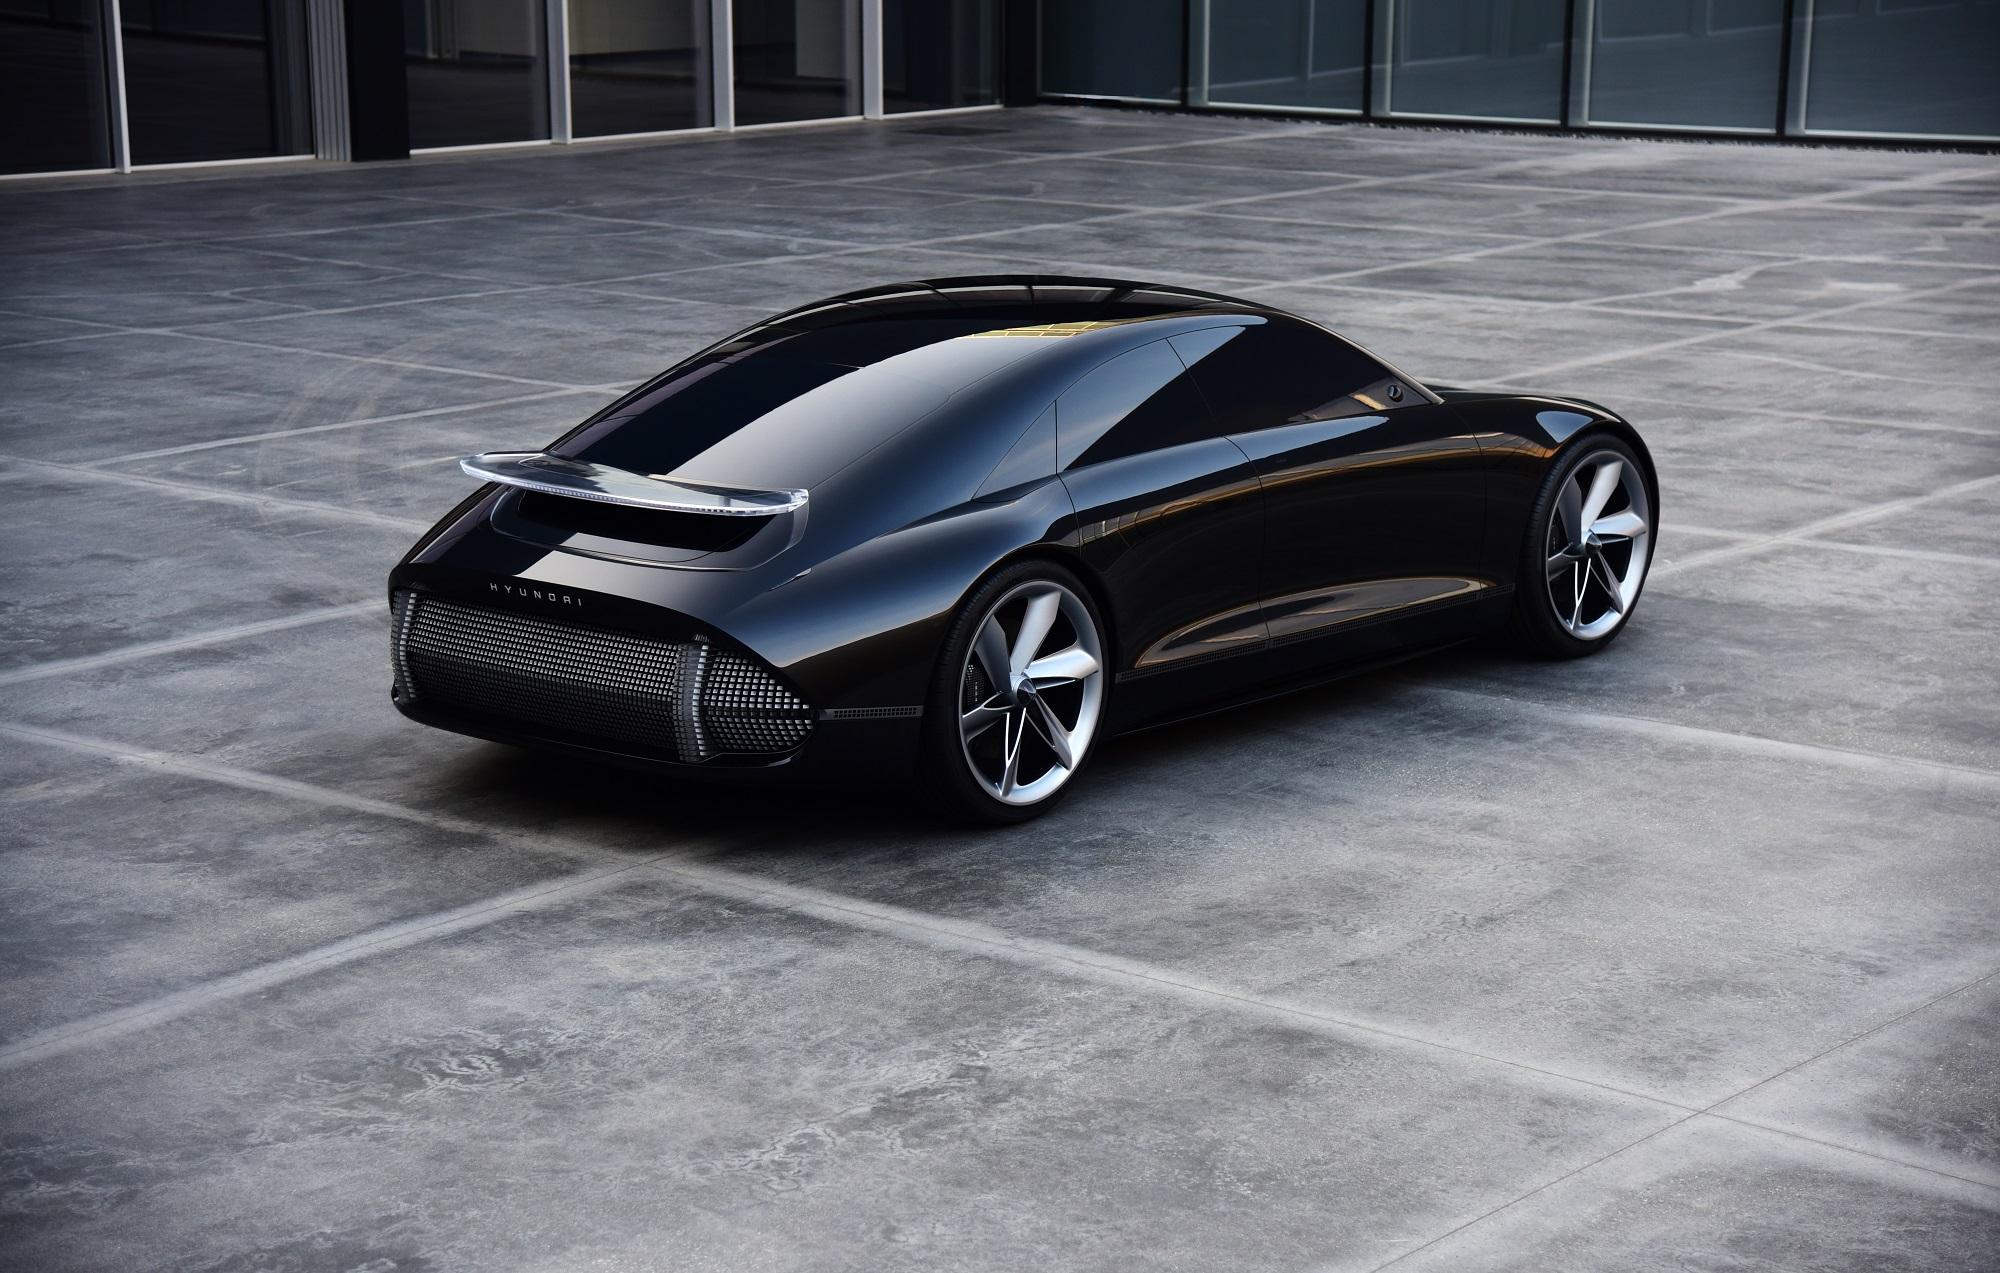 Pozrite si najdôležitejšie koncepty Hyundai za posledné roky